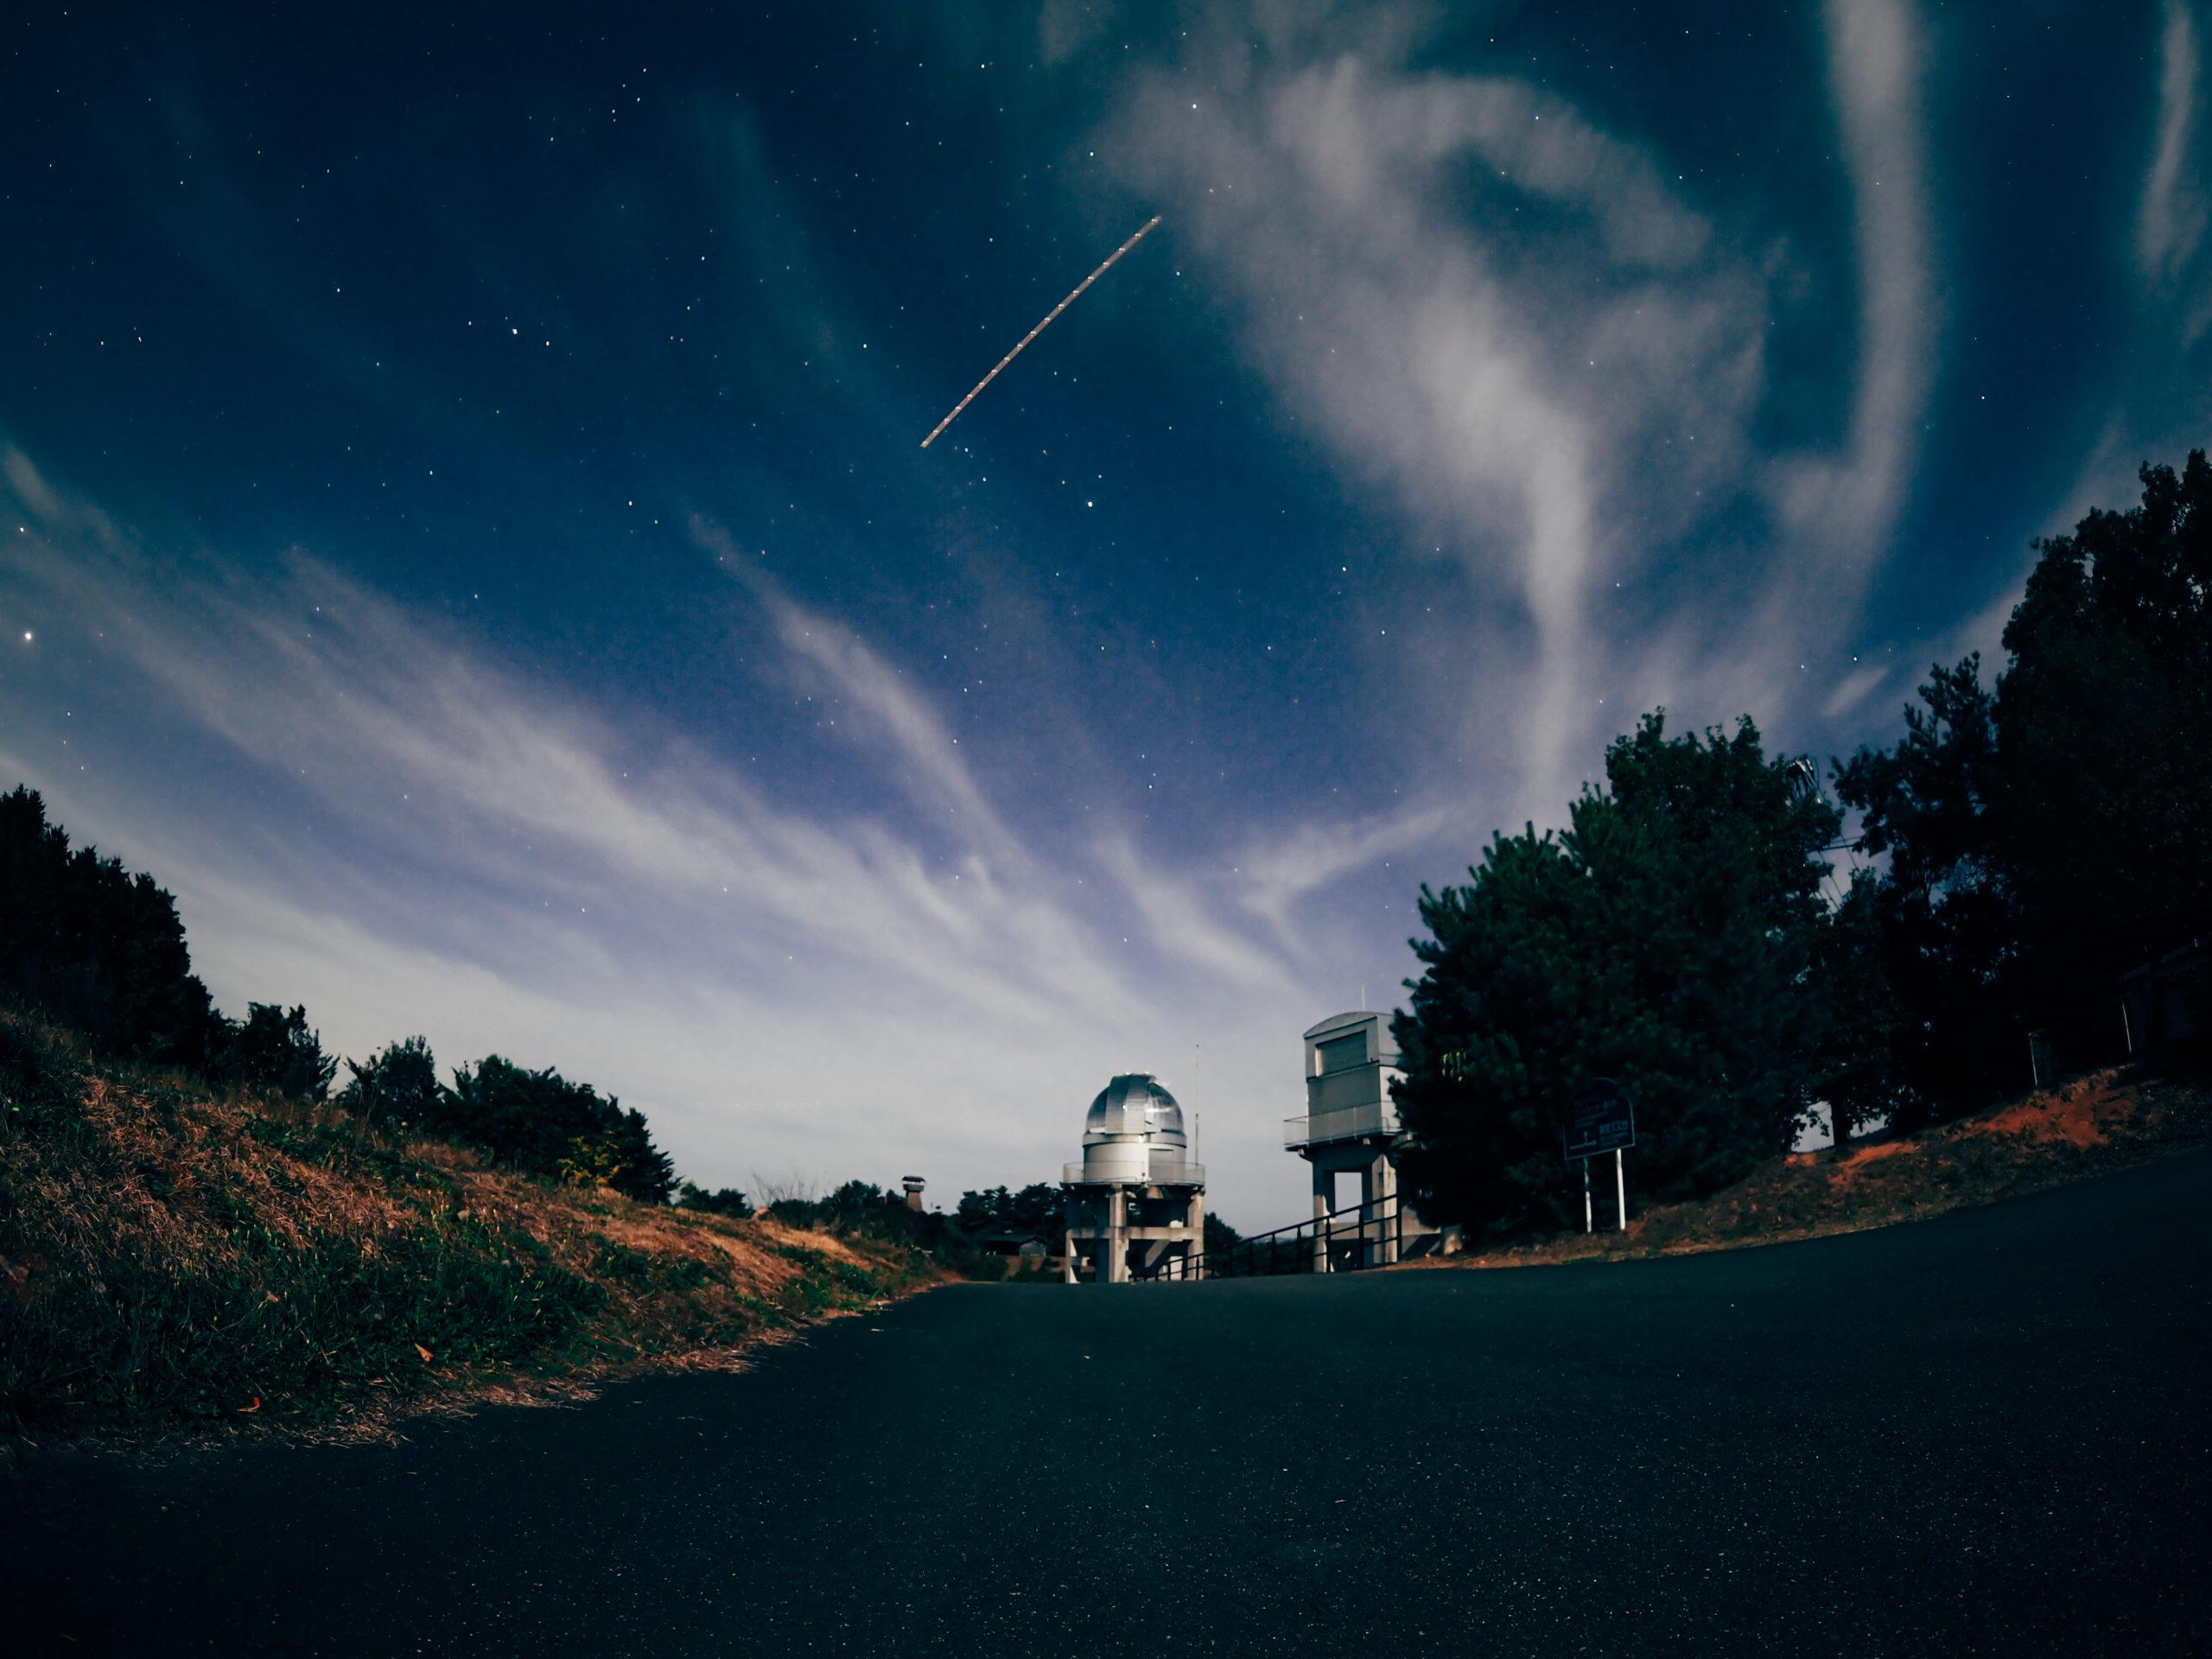 星とデニムの聖地!岡山県井原市で満天の星を巡る旅画像